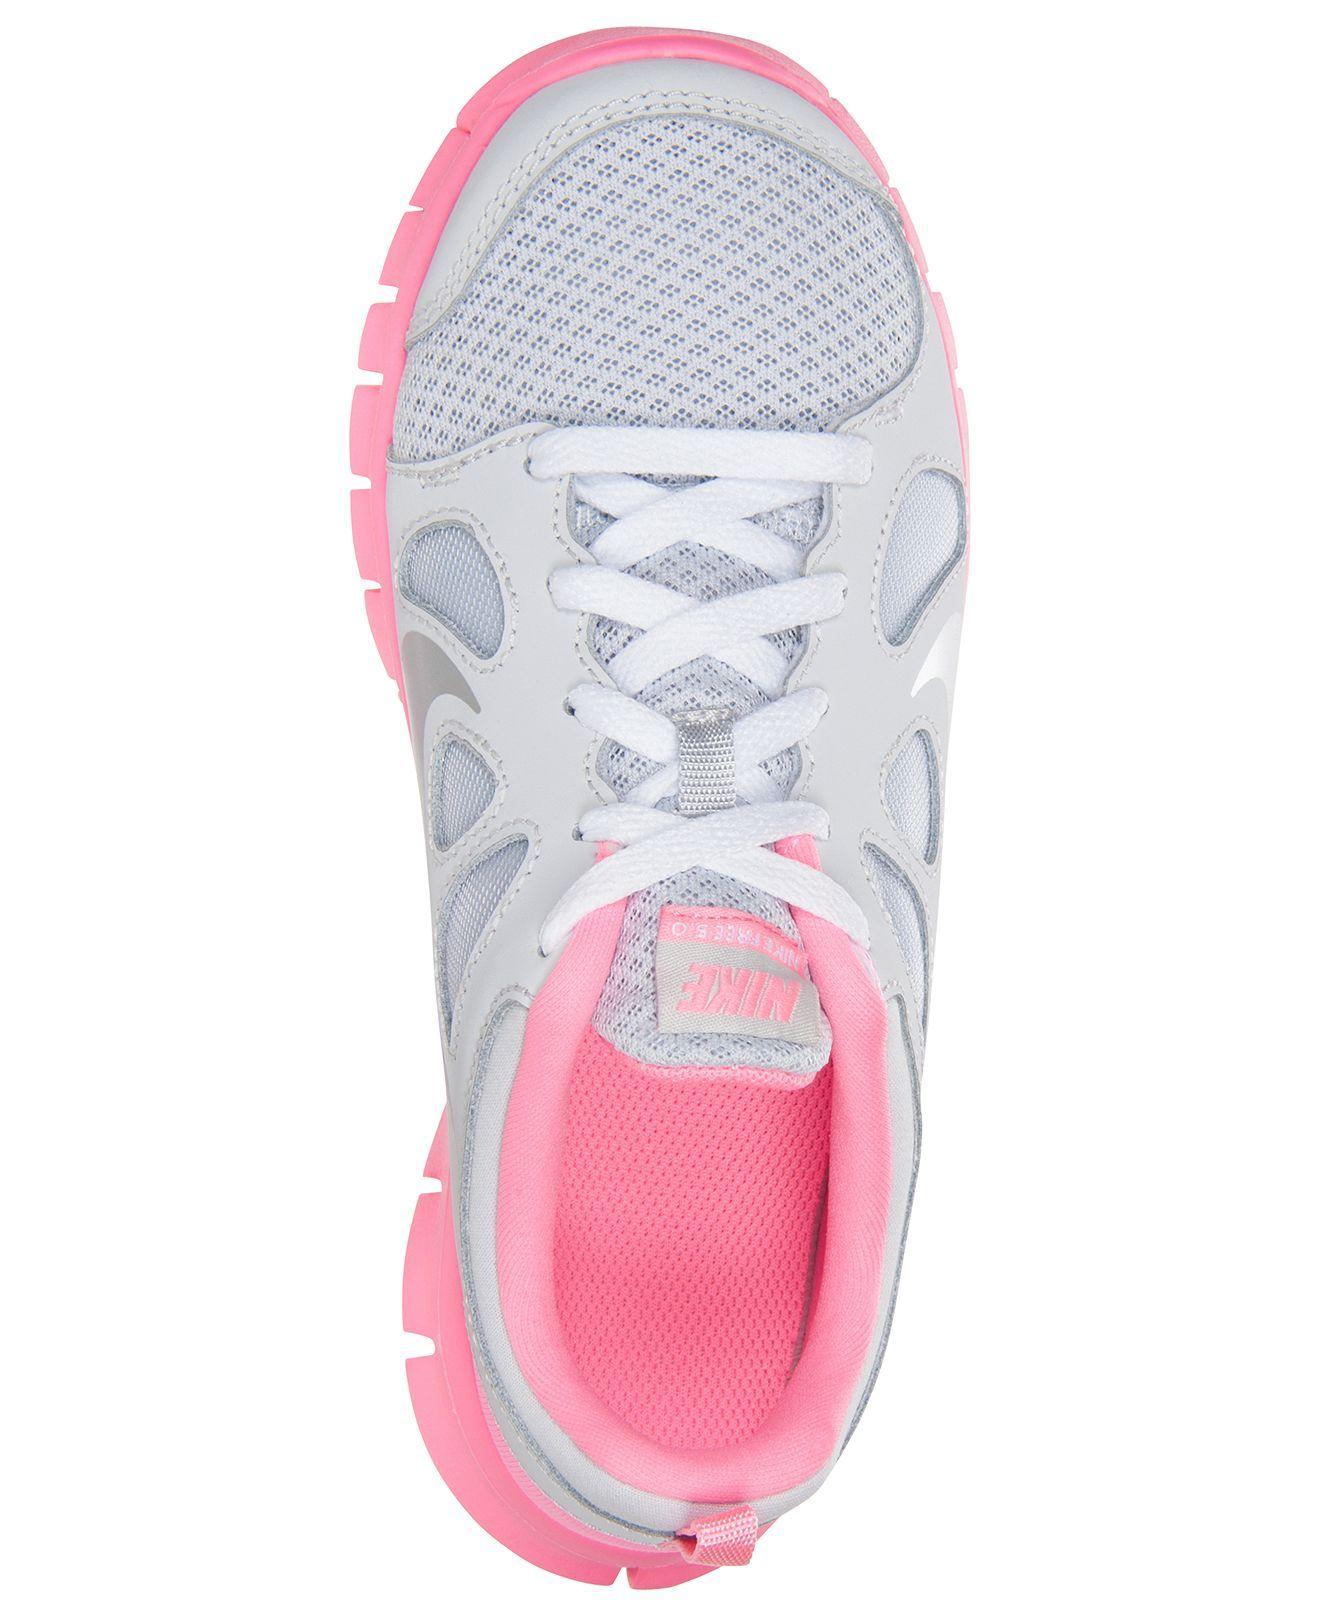 4ba97fa9a520 Nike Kids Shoes